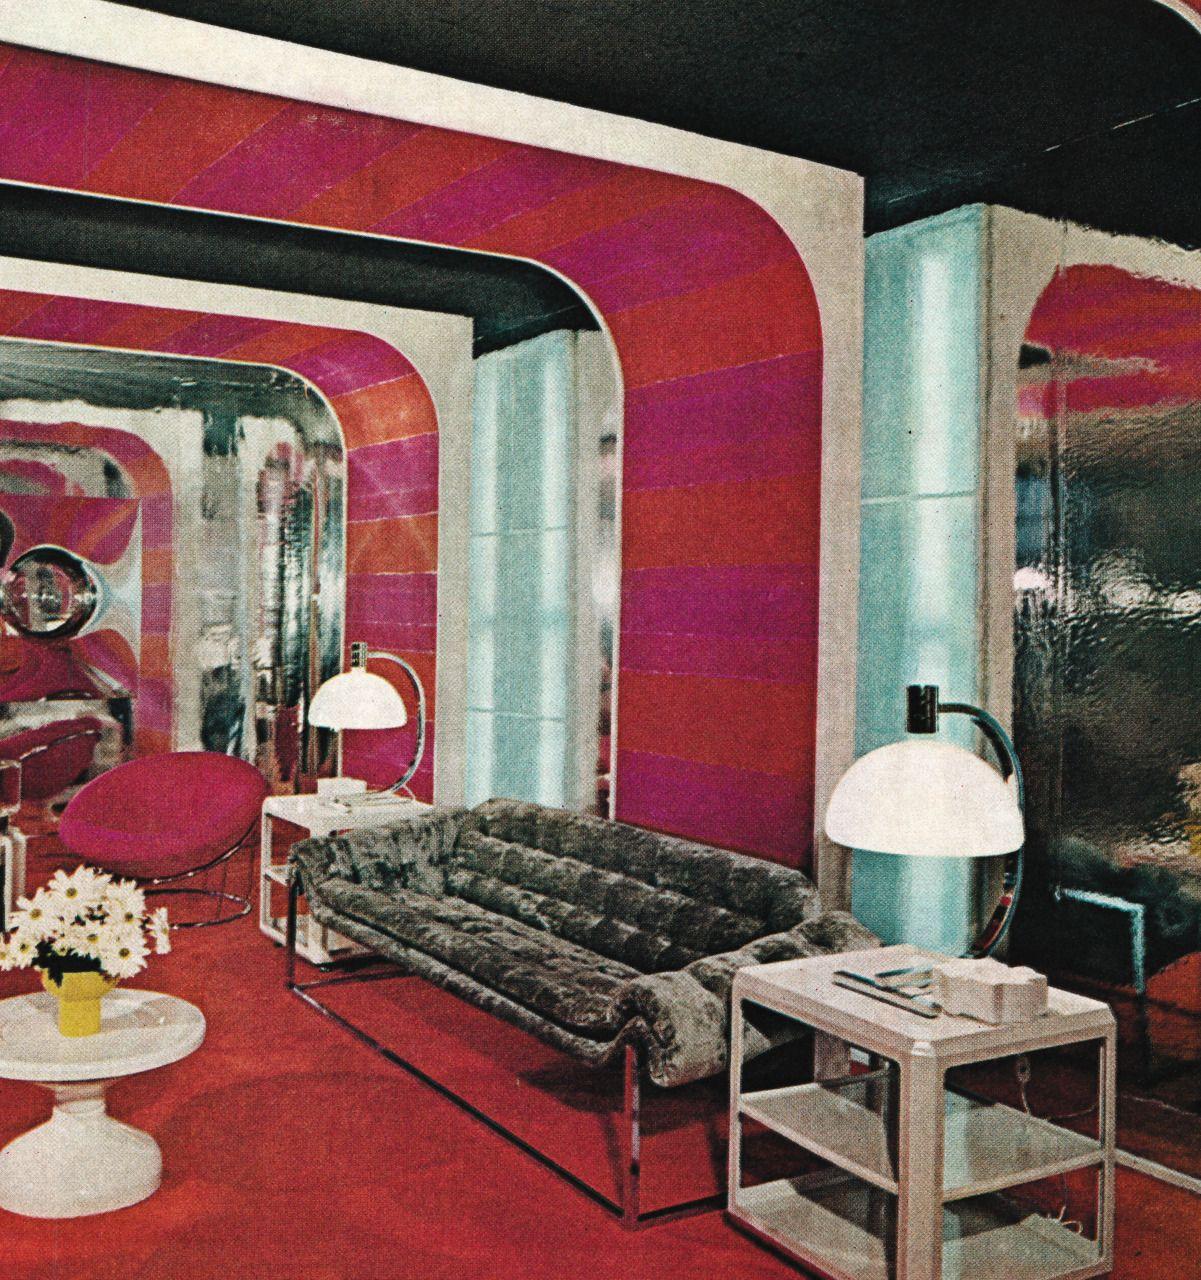 1970s Living Room Decor 70s Home Decor Home Decor 70s Decor